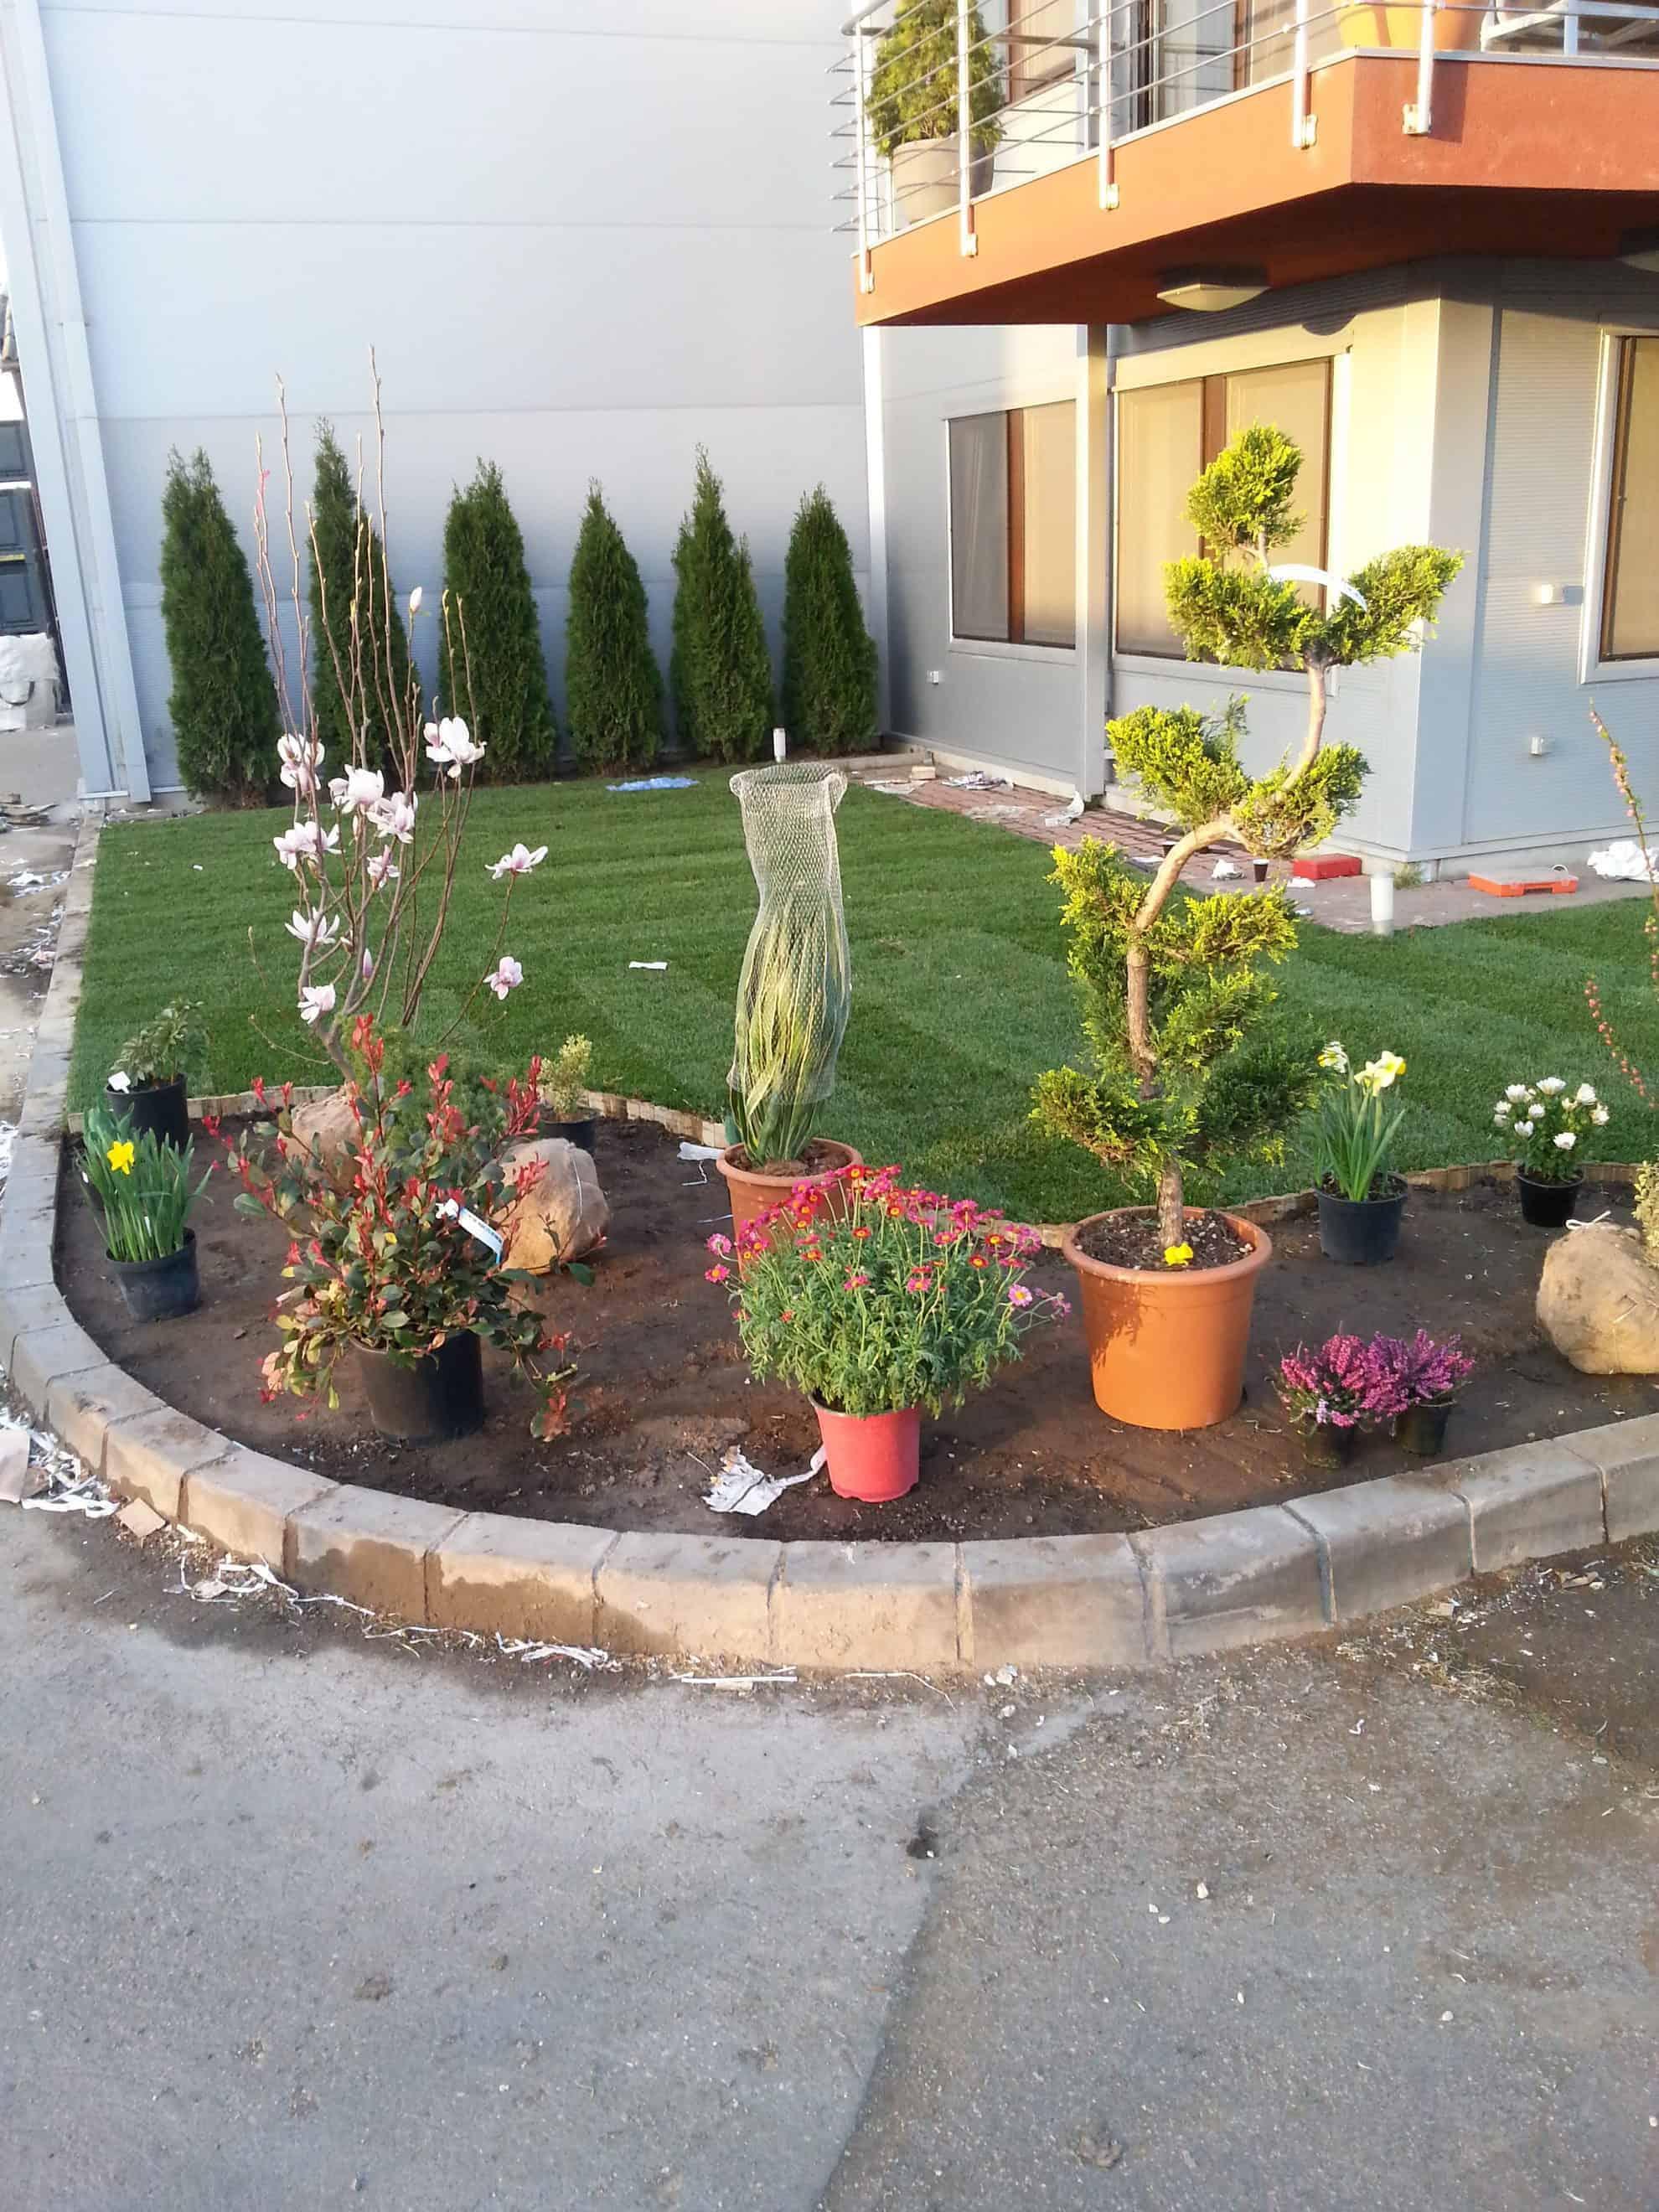 Átalakítás, növénysáv kialakítása a gyepben